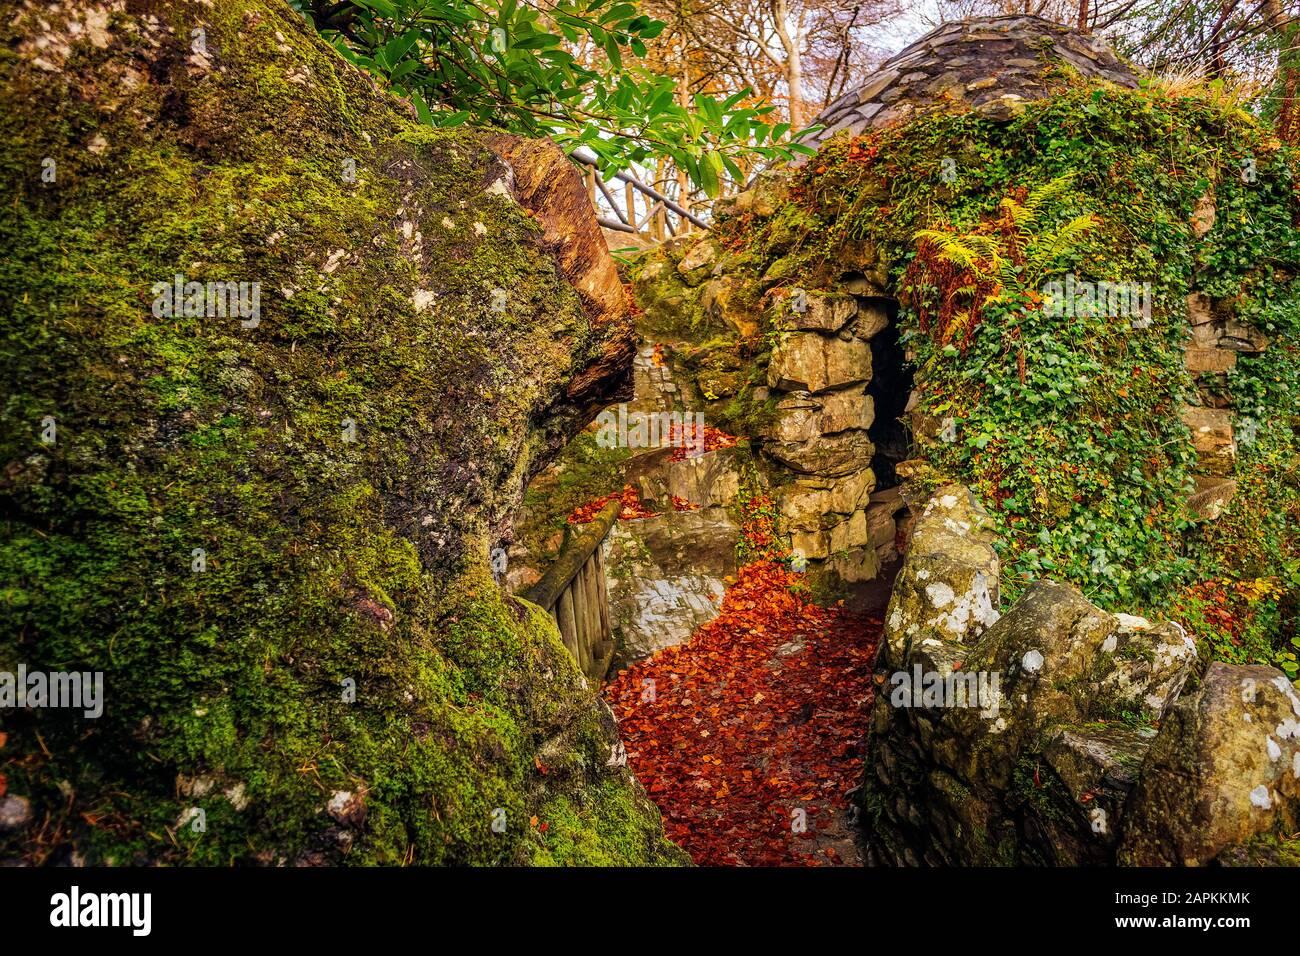 Piedra antigua ruina de cabaña con rocas verdes de musgo en el Parque Forestal Tollymore en otoño, Newcastle, County Down, Irlanda del Norte Foto de stock